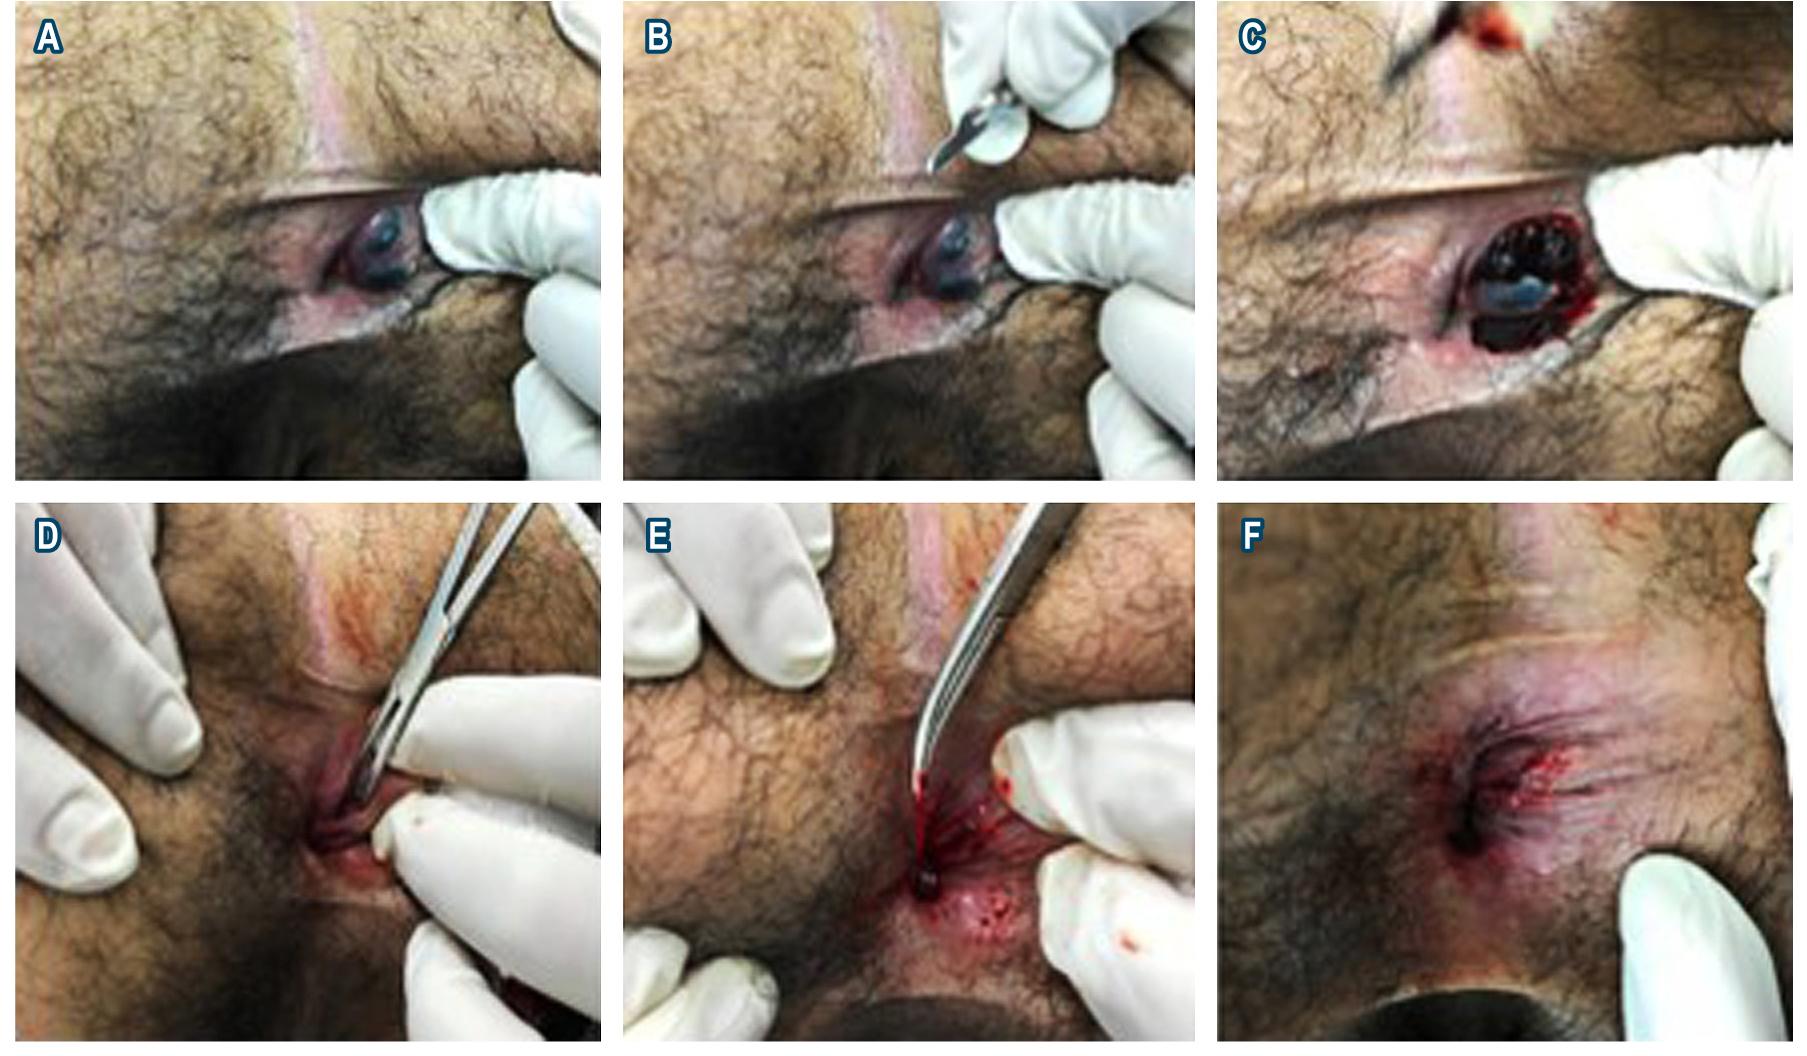 Figura 1. Técnica de trombectomía más fleboextracción